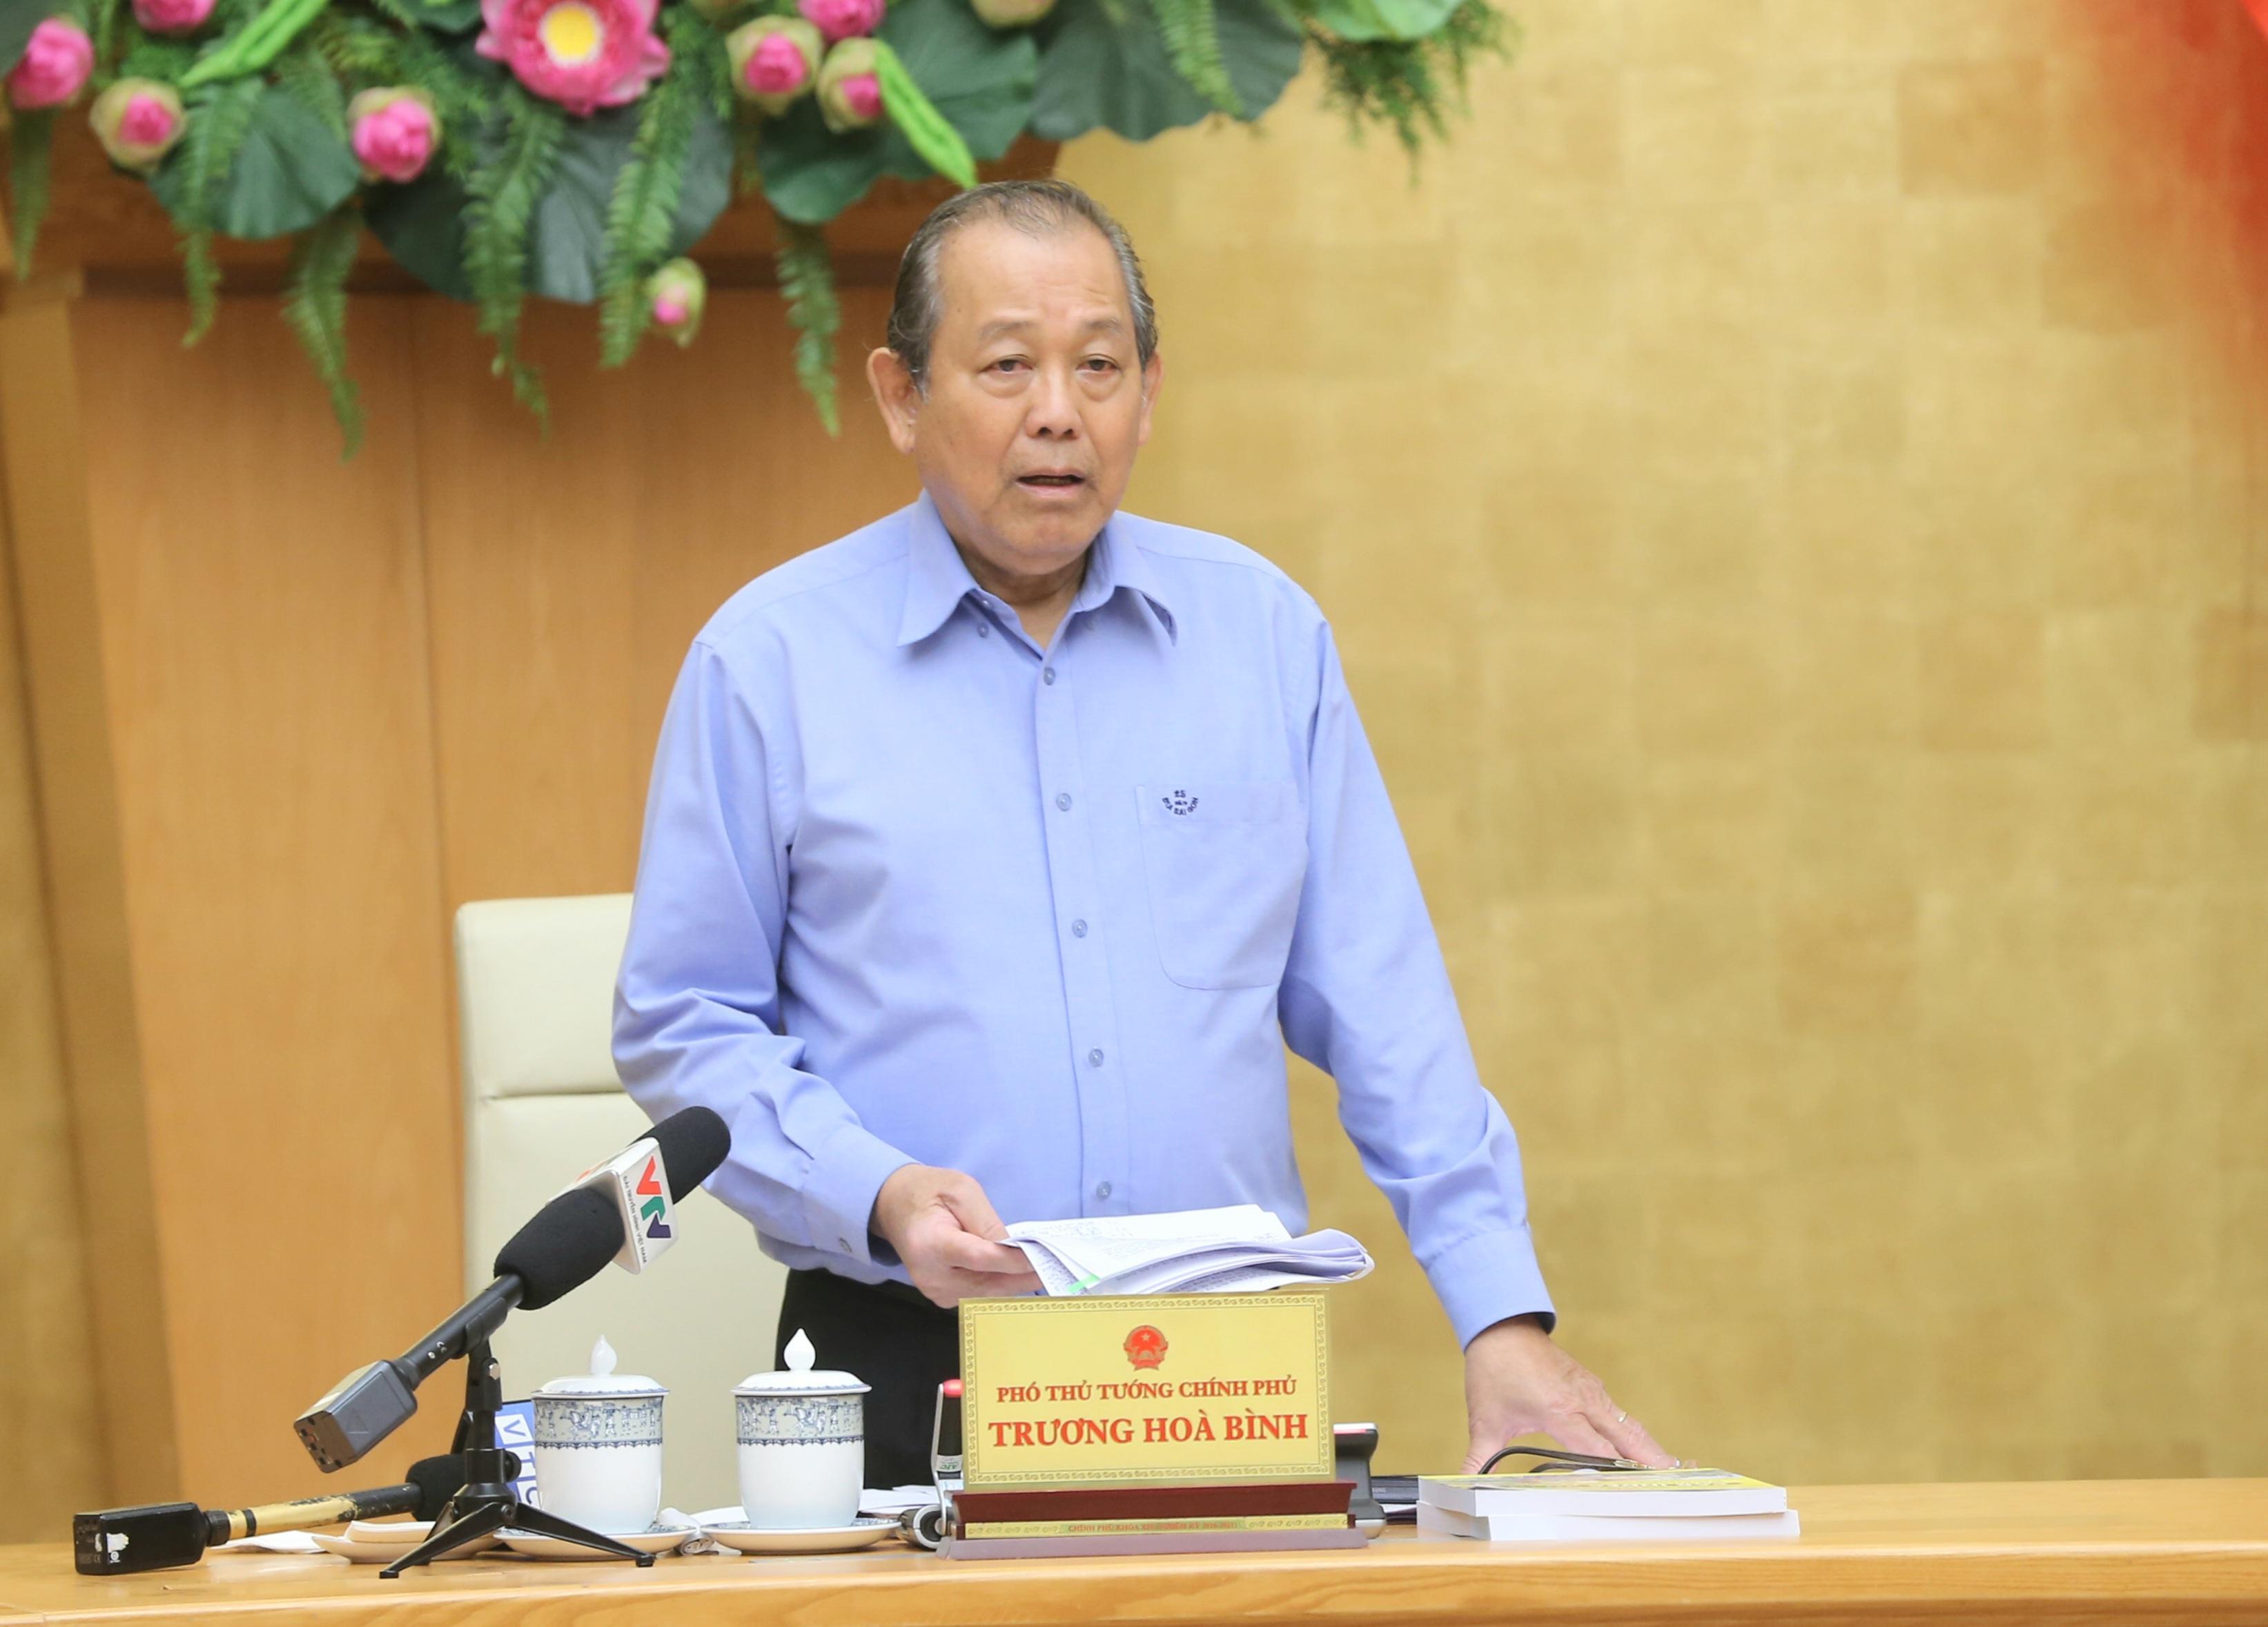 Tập trung thực hiện 5 nhiệm vụ cải cách hành chính